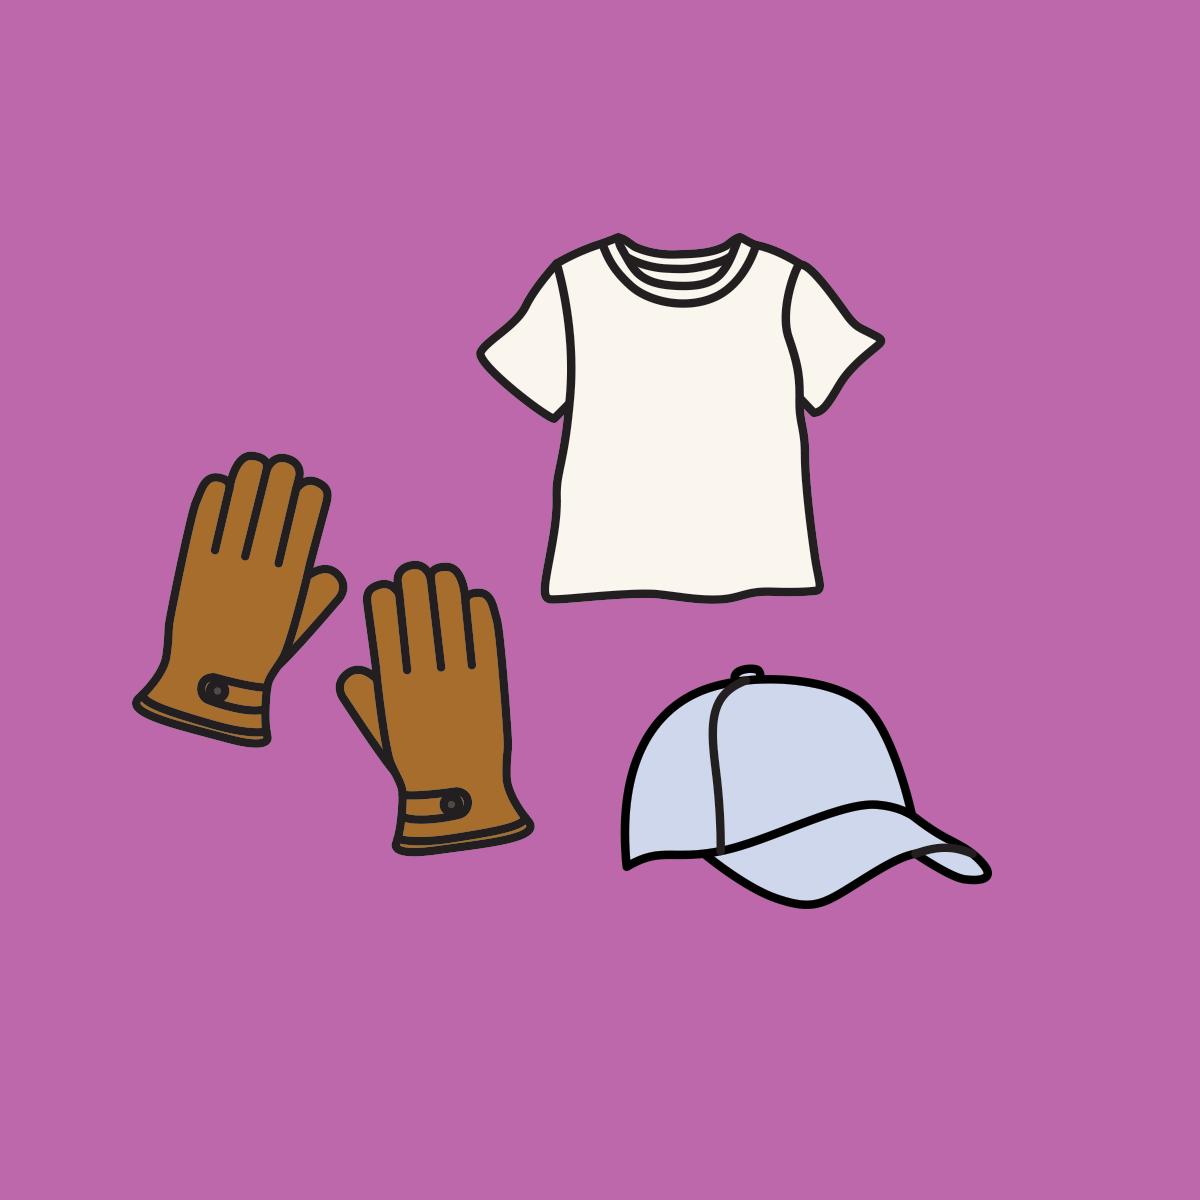 91 clothing